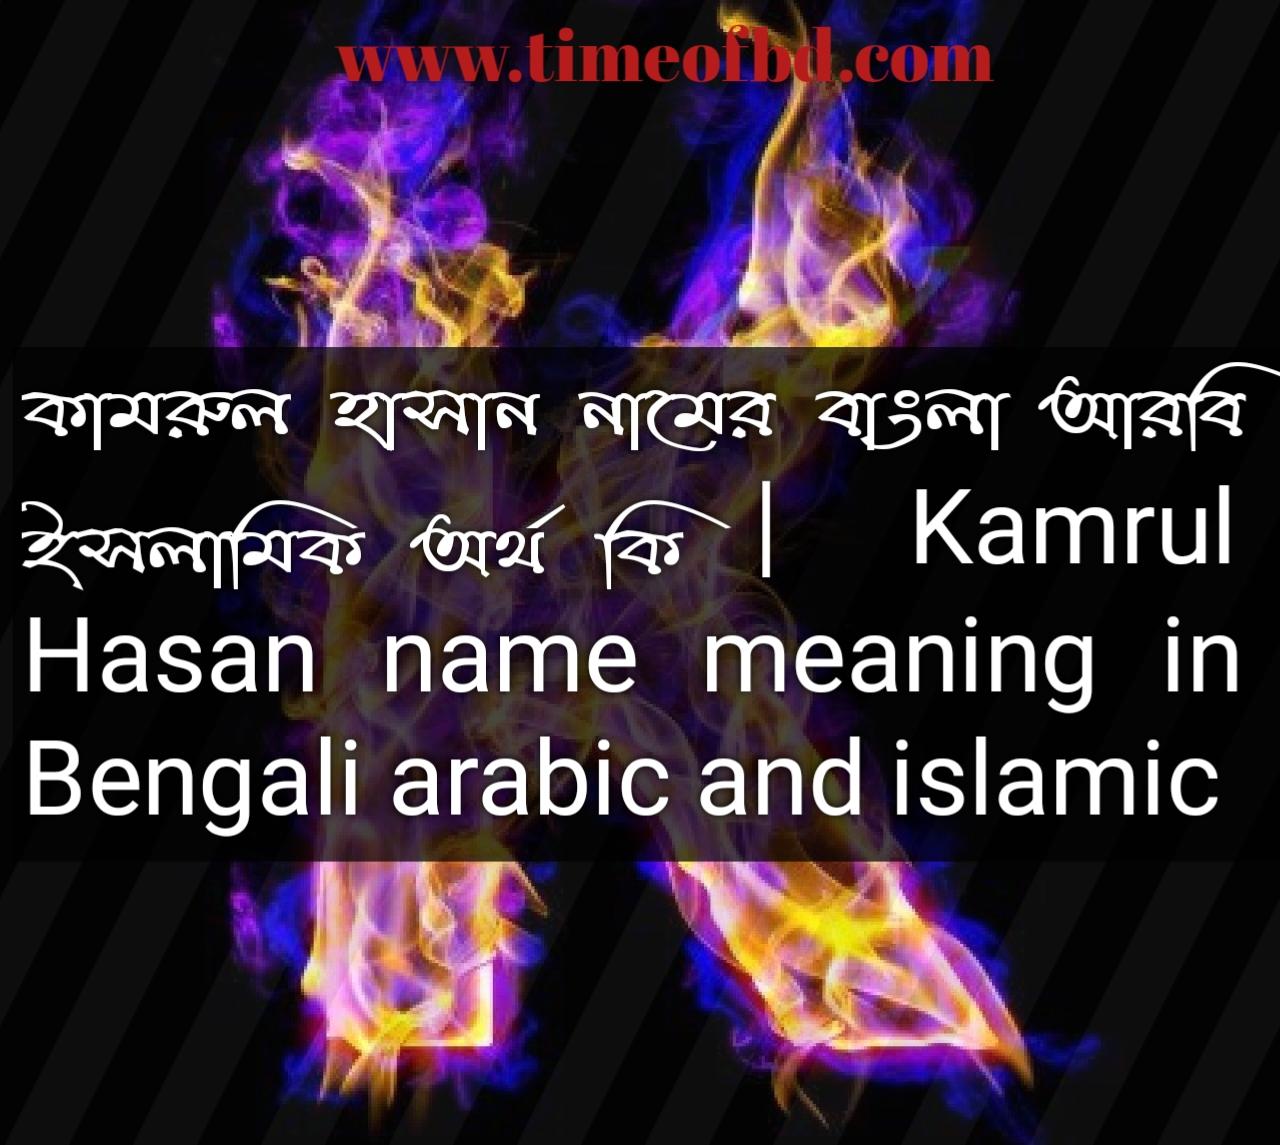 কামরুল হাসান নামের অর্থ কি, কামরুল হাসান নামের বাংলা অর্থ কি, কামরুল হাসান নামের ইসলামিক অর্থ কি, Kamrul Hasan name in Bengali, কামরুল হাসান কি ইসলামিক নাম,